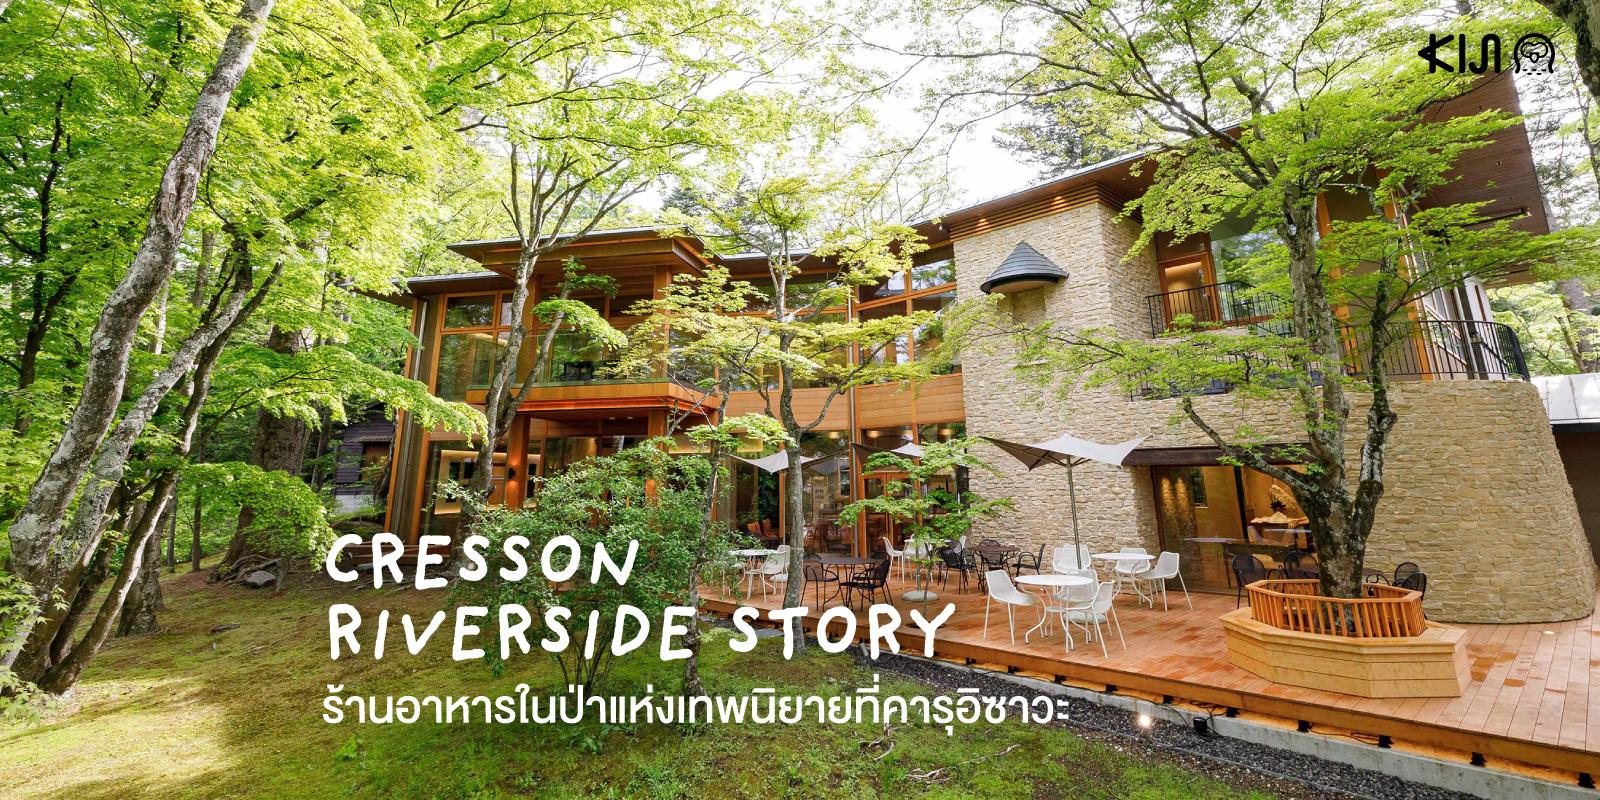 Cresson Riverside Story Kyukaruizawa ร้านอาหารบรรยากาศดีในคารุอิซาวะ นากาโน่